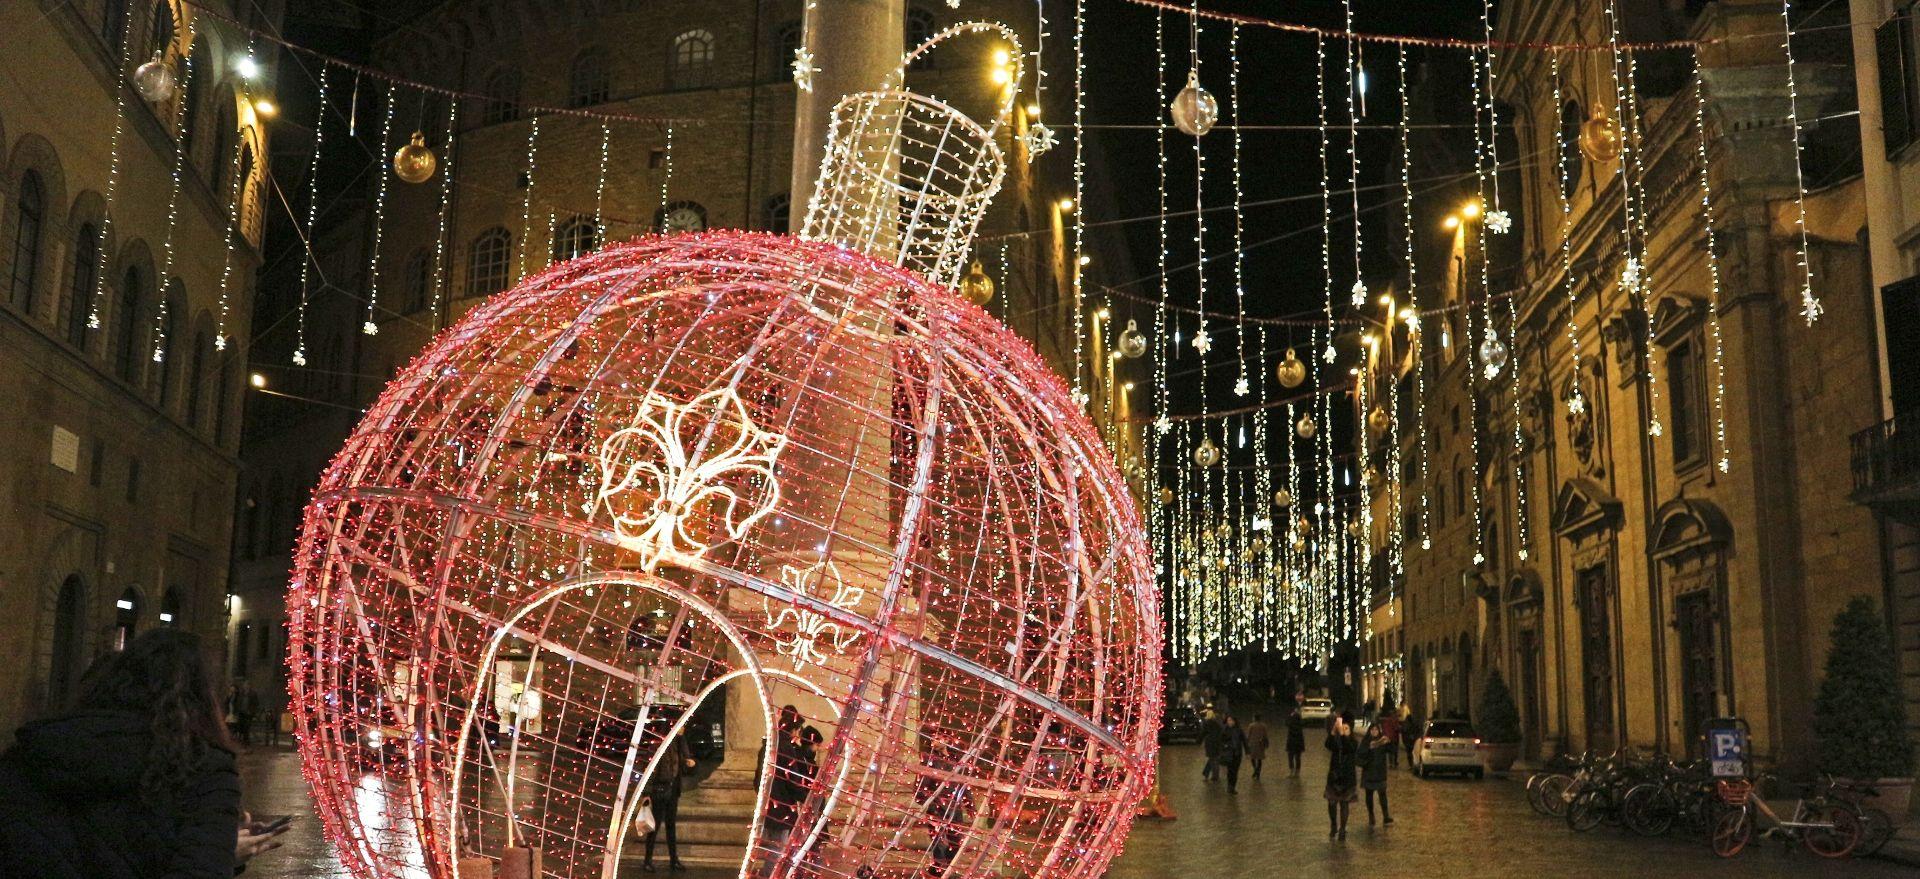 フィレンツェのクリスマスイルミネーション4